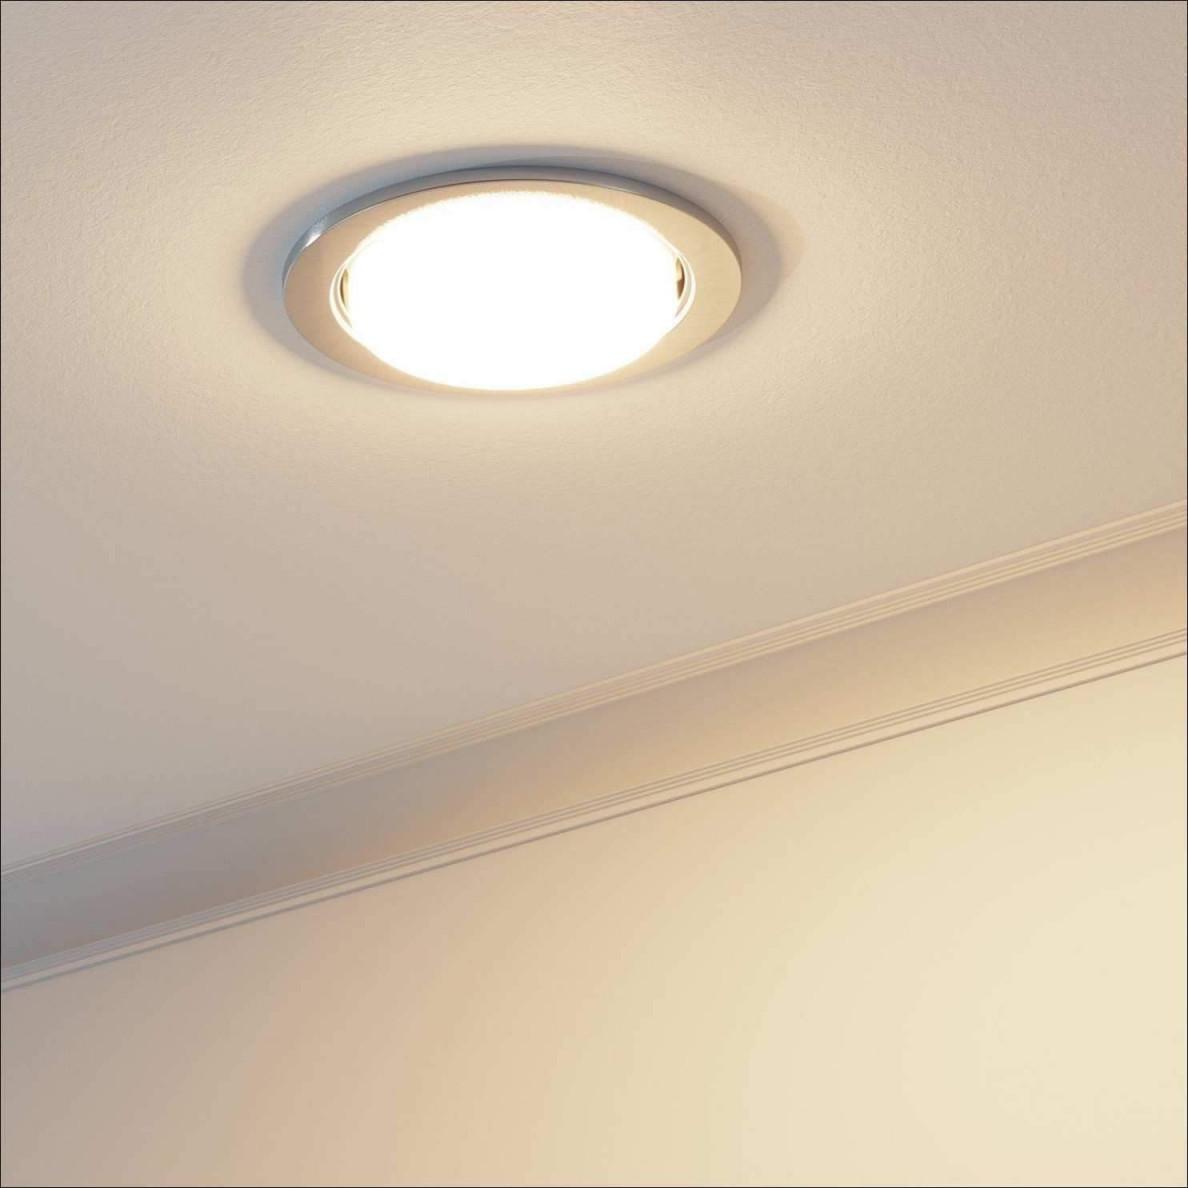 31 Einzigartig Wohnzimmer Deckenlampe Led Elegant von Wohnzimmer Lampe Flach Bild